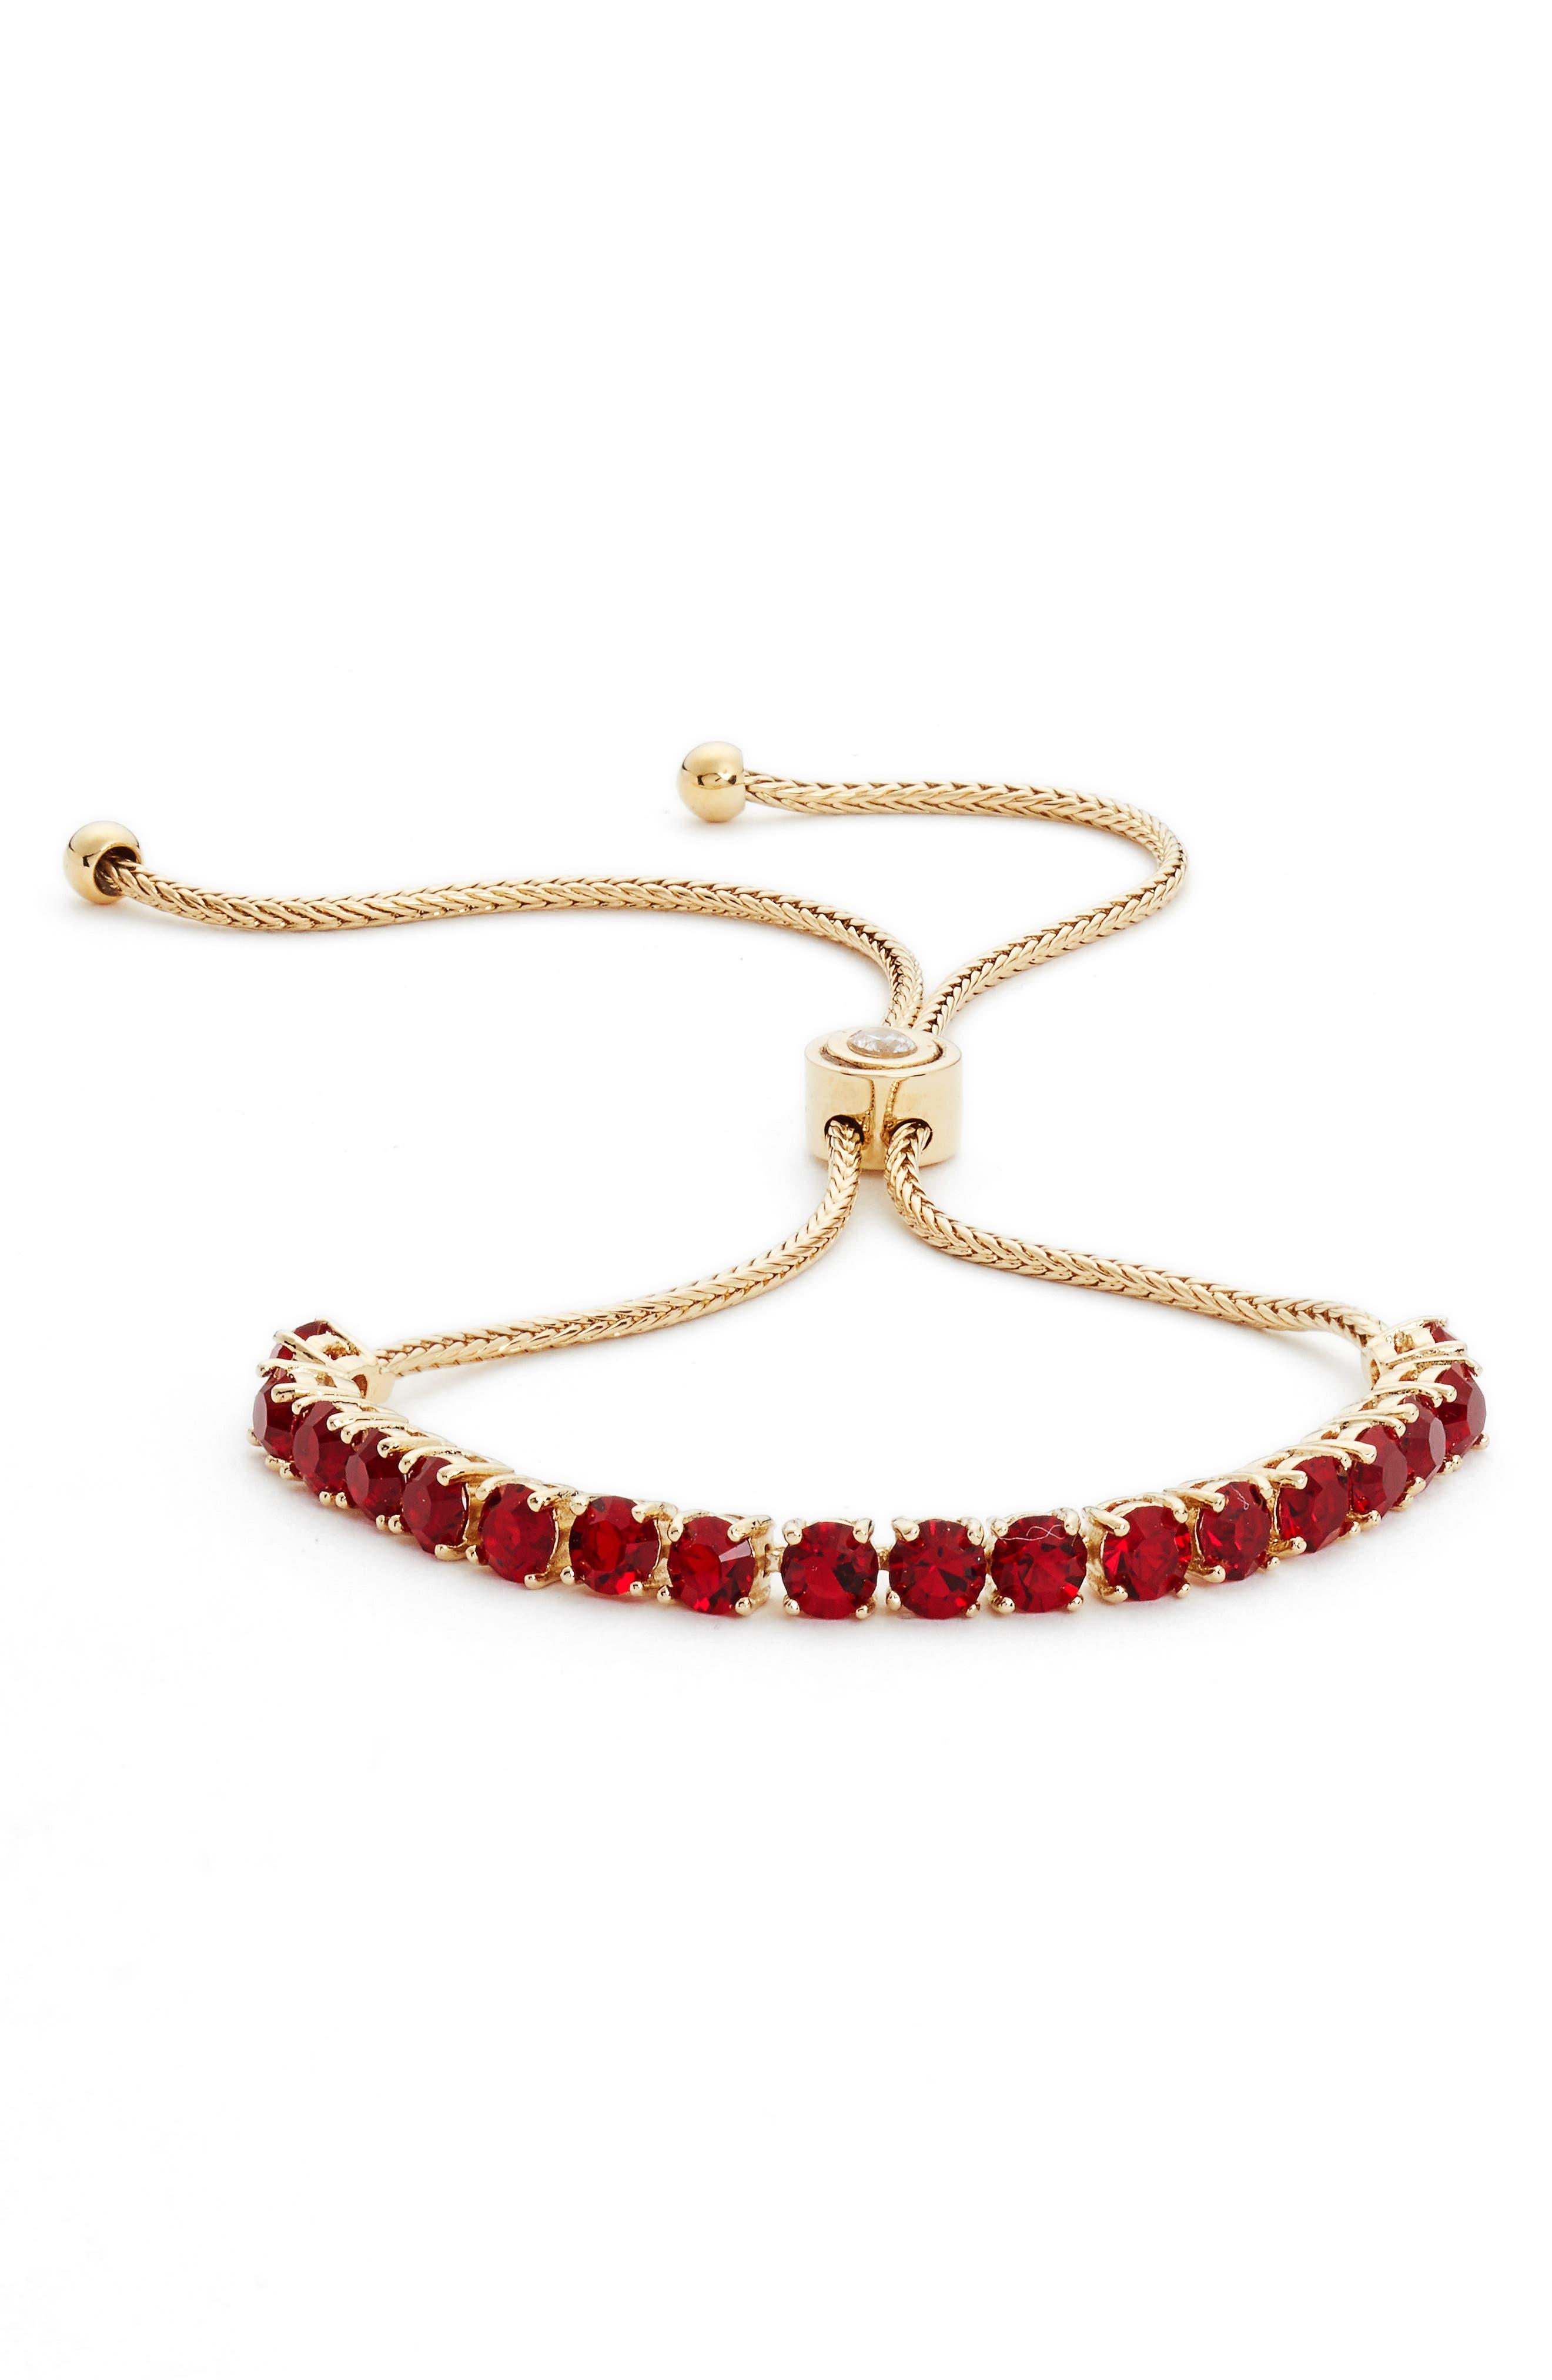 Main Image - Givenchy Adjustable Crystal Bracelet